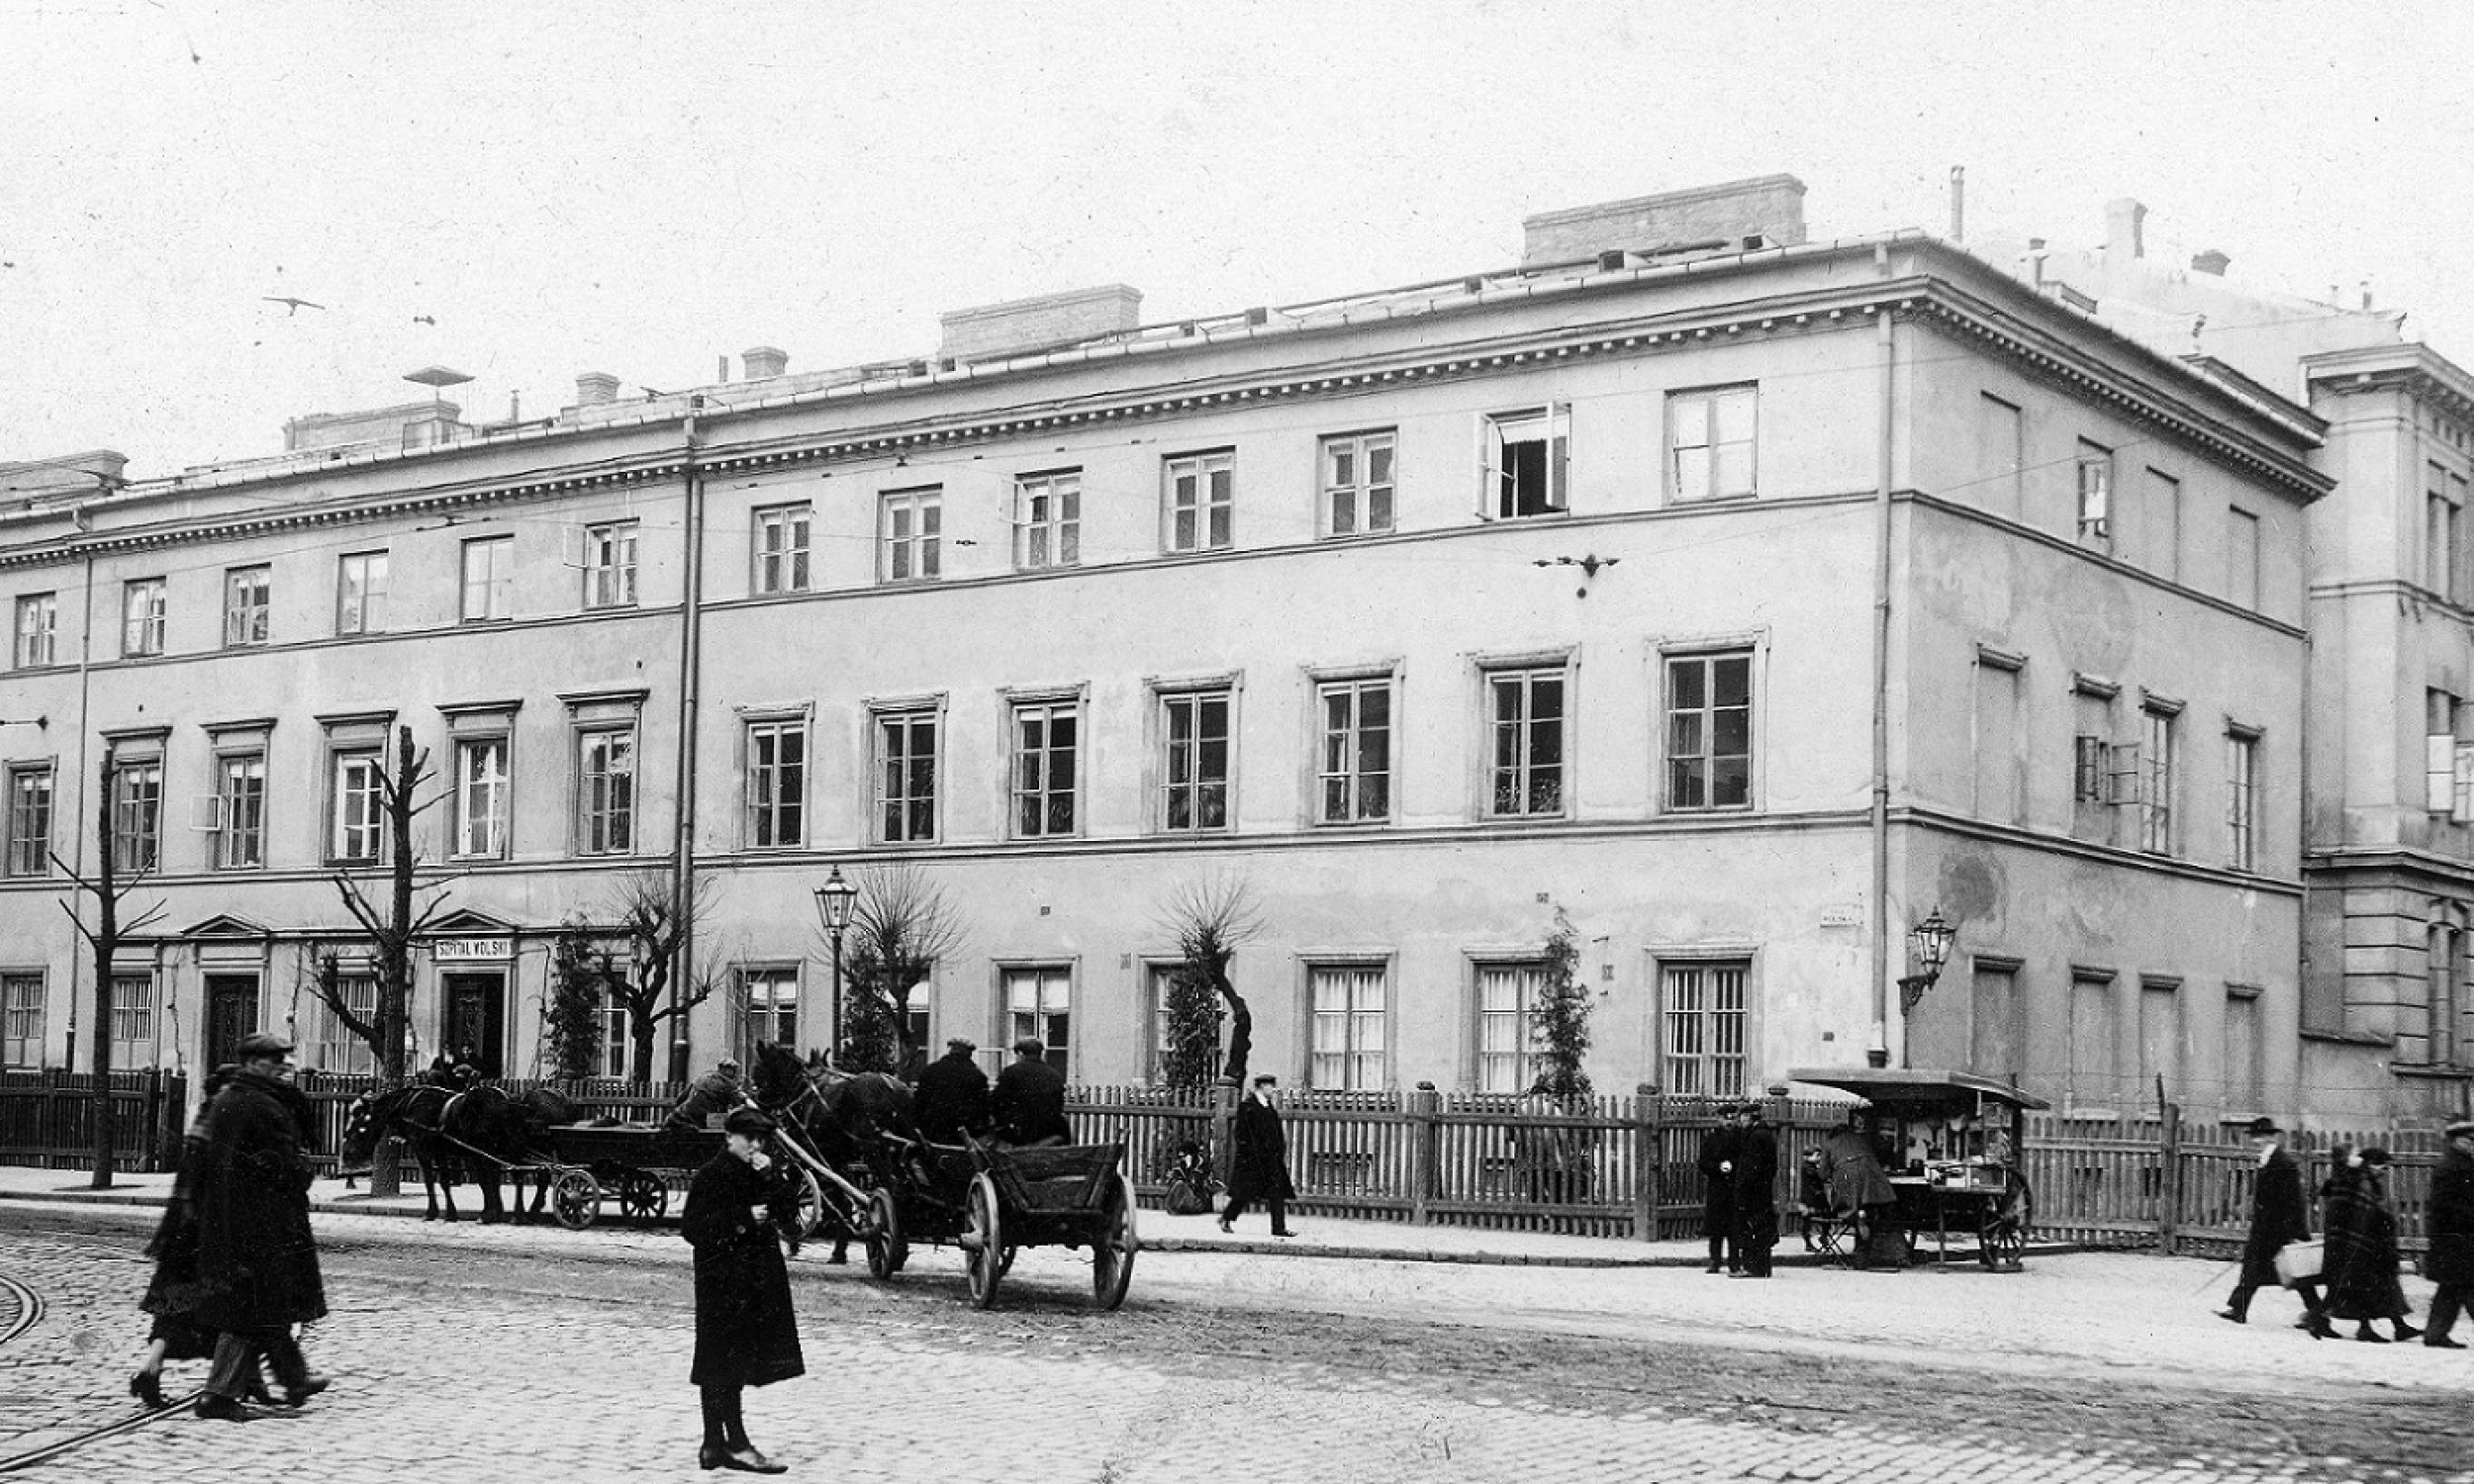 W okresie międzywojennym Wola była, w porównaniu do innych dzielnic warszawskich, bogata w szpitale. W XIX wieku ufundowany przez Stanisława Staszica szpital przy ul. Okopowej 2/4 stał się sławny dzięki badaniom dr. Odo Bujwida nad szczepionką przeciwko wściekliźnie. W 1935 roku Szpital Wolski przeniósł się z ul. Okopowej do nowej siedziby przy ul. Płockiej 26, specjalizując się w leczeniu gruźlicy i chorób płuc. Na zdjęciu Szpital Wolski w  1925 r. Fot. NAC/ Ilustrowany Kurier Codzienny, sygn. 1-C-690